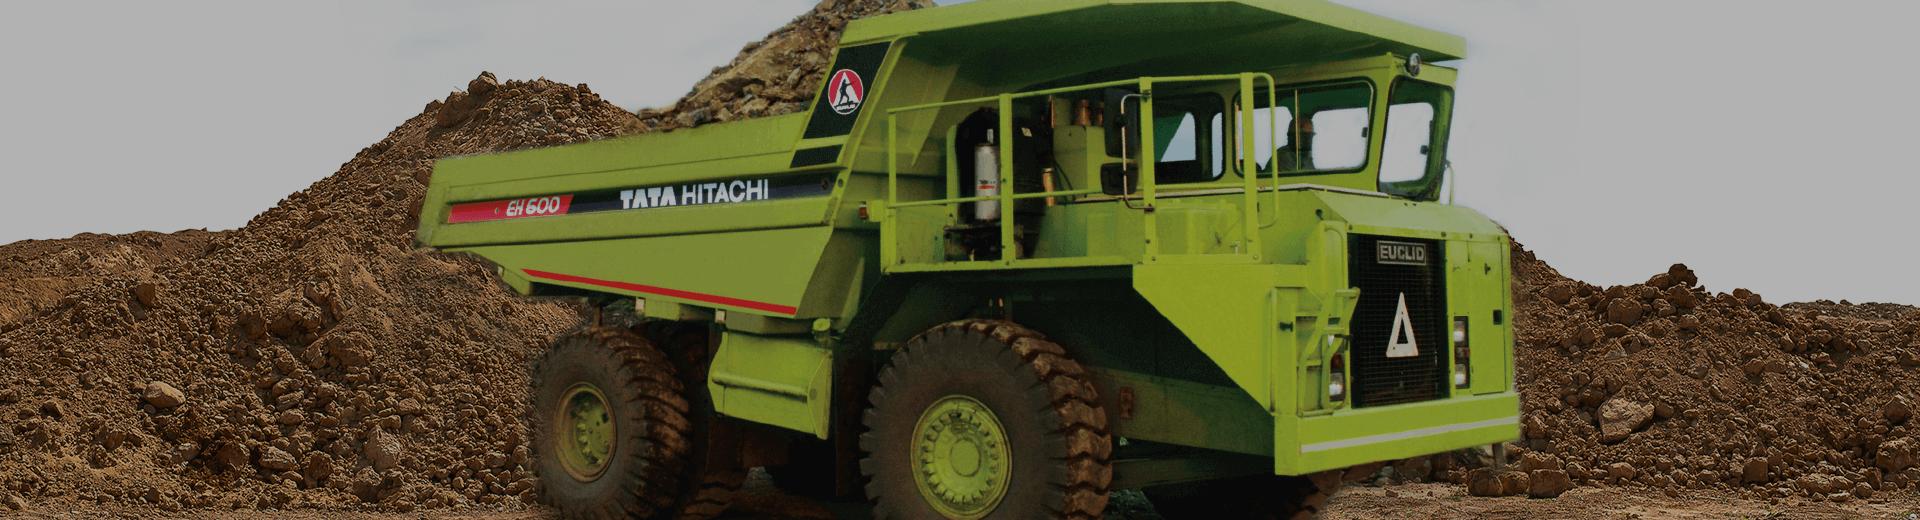 EH-600 Dump Truck